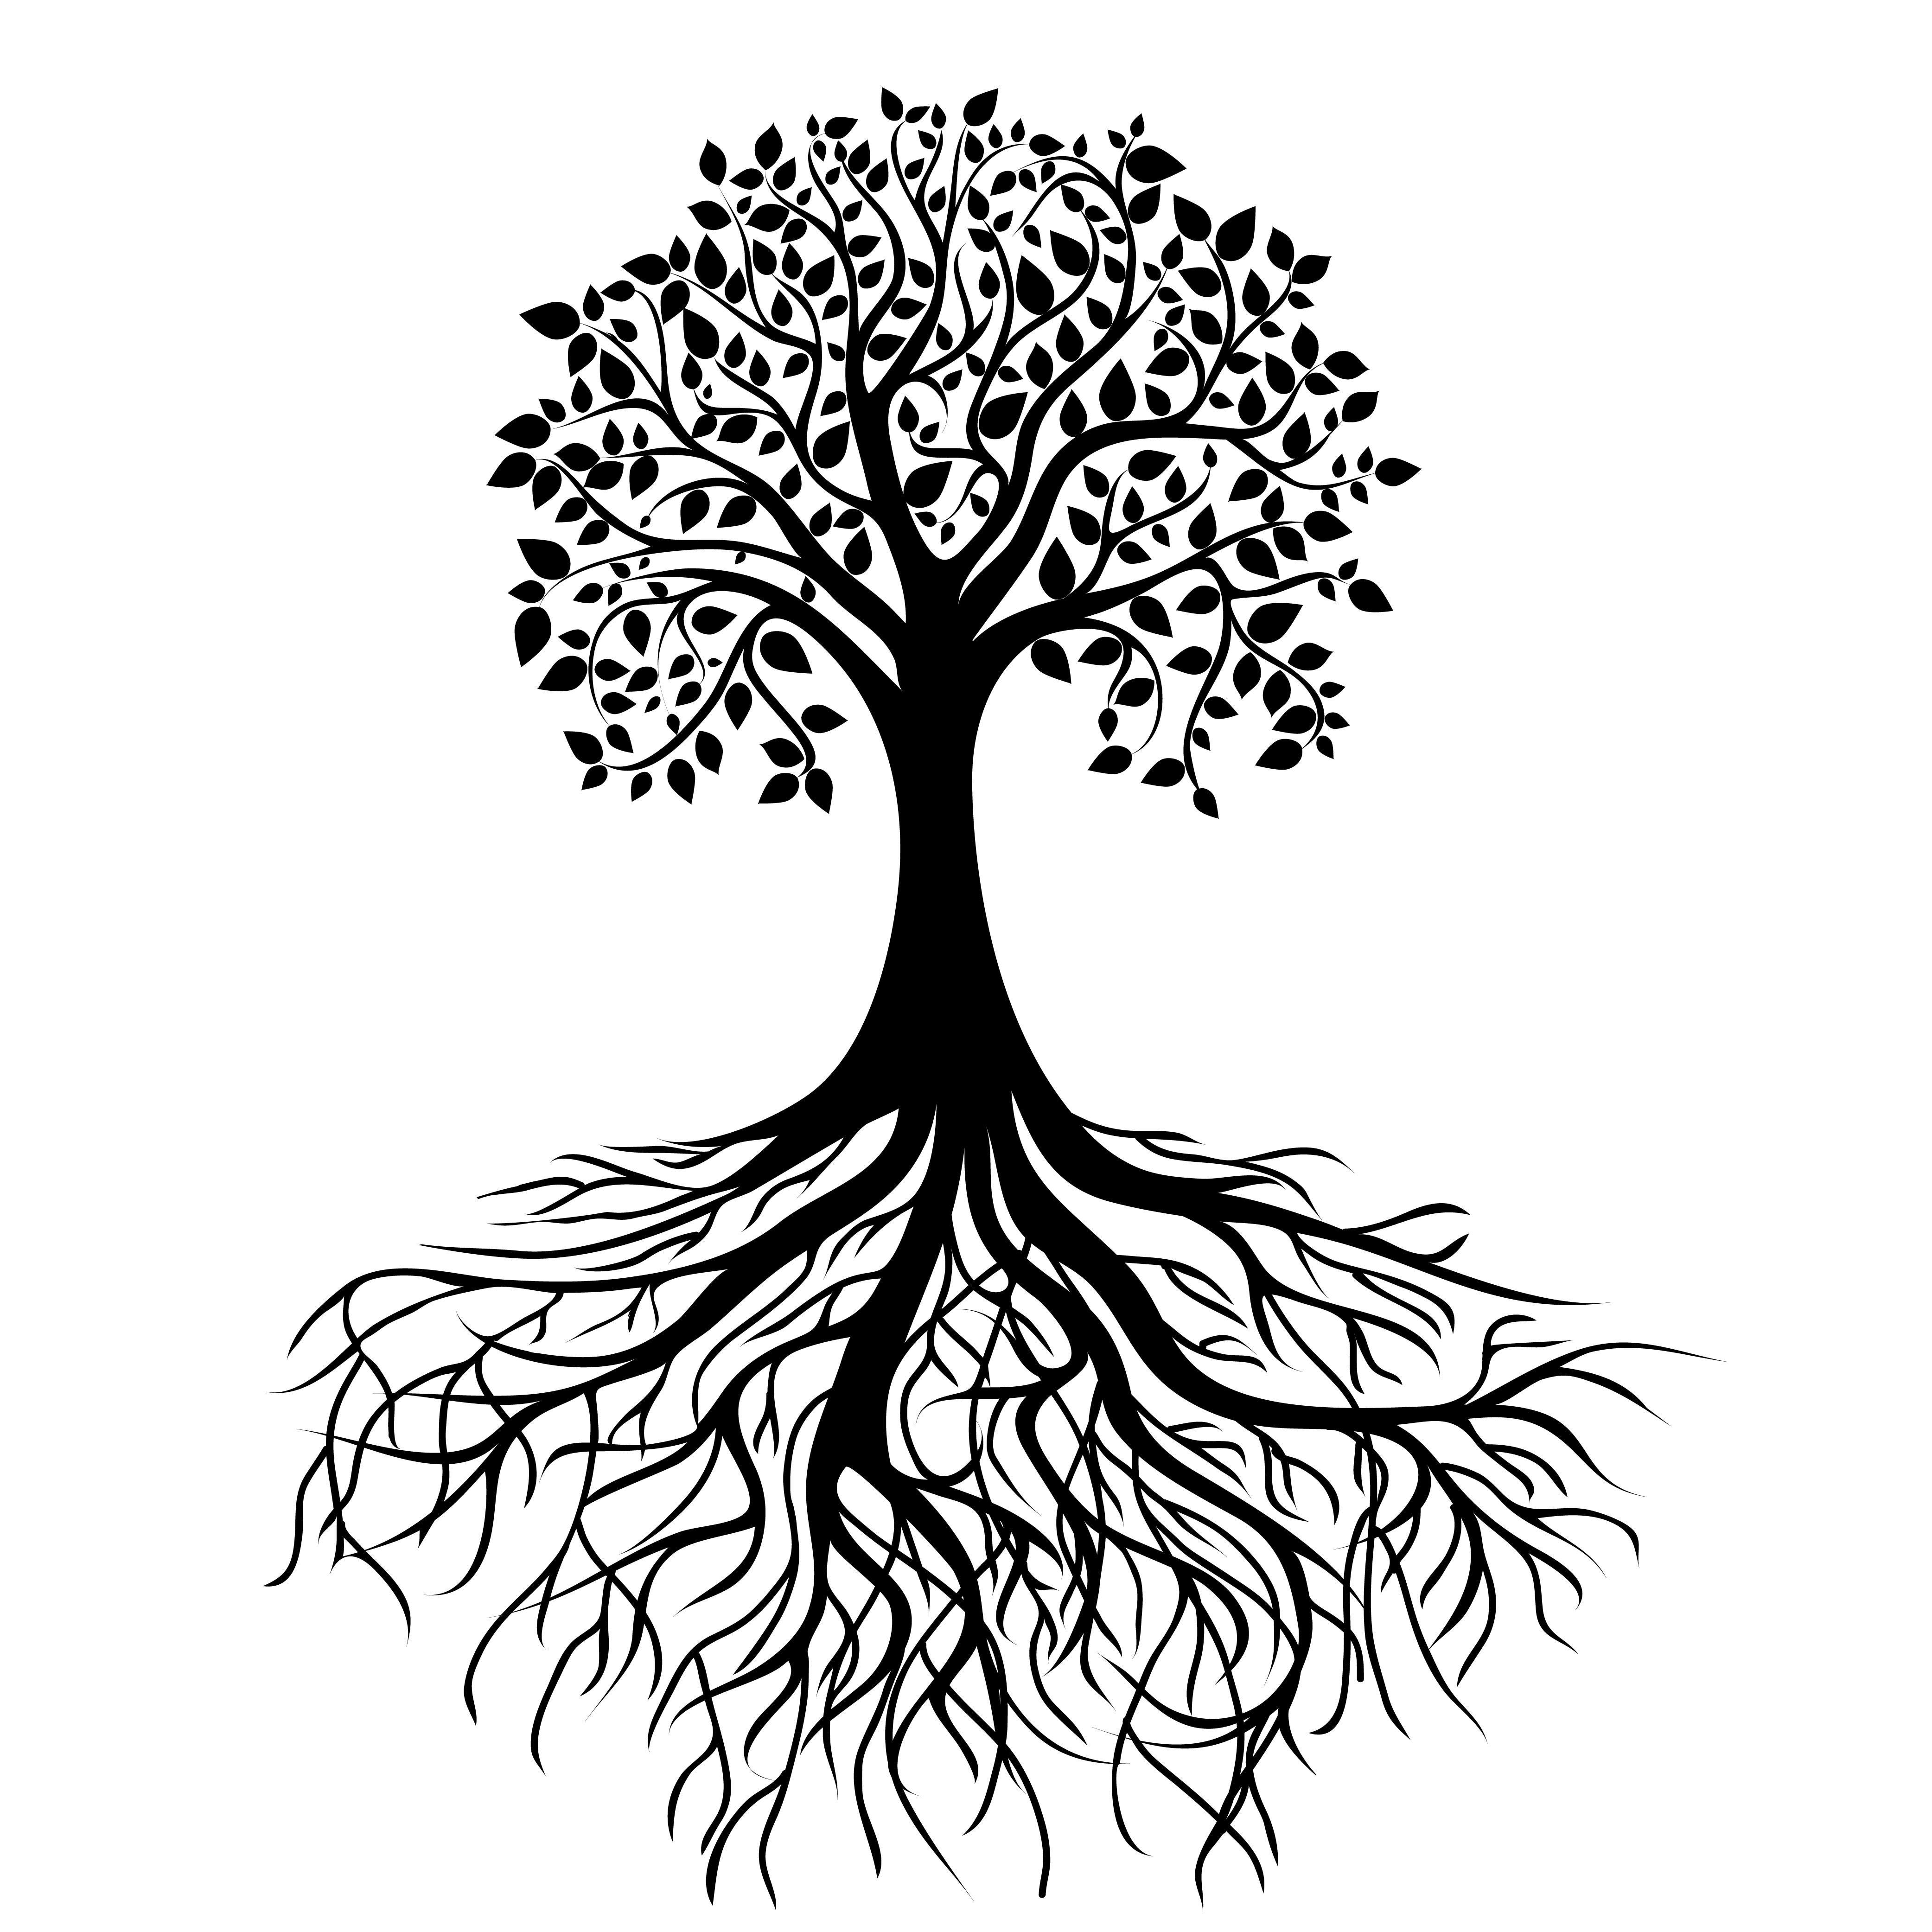 Oak Tree Line Drawing